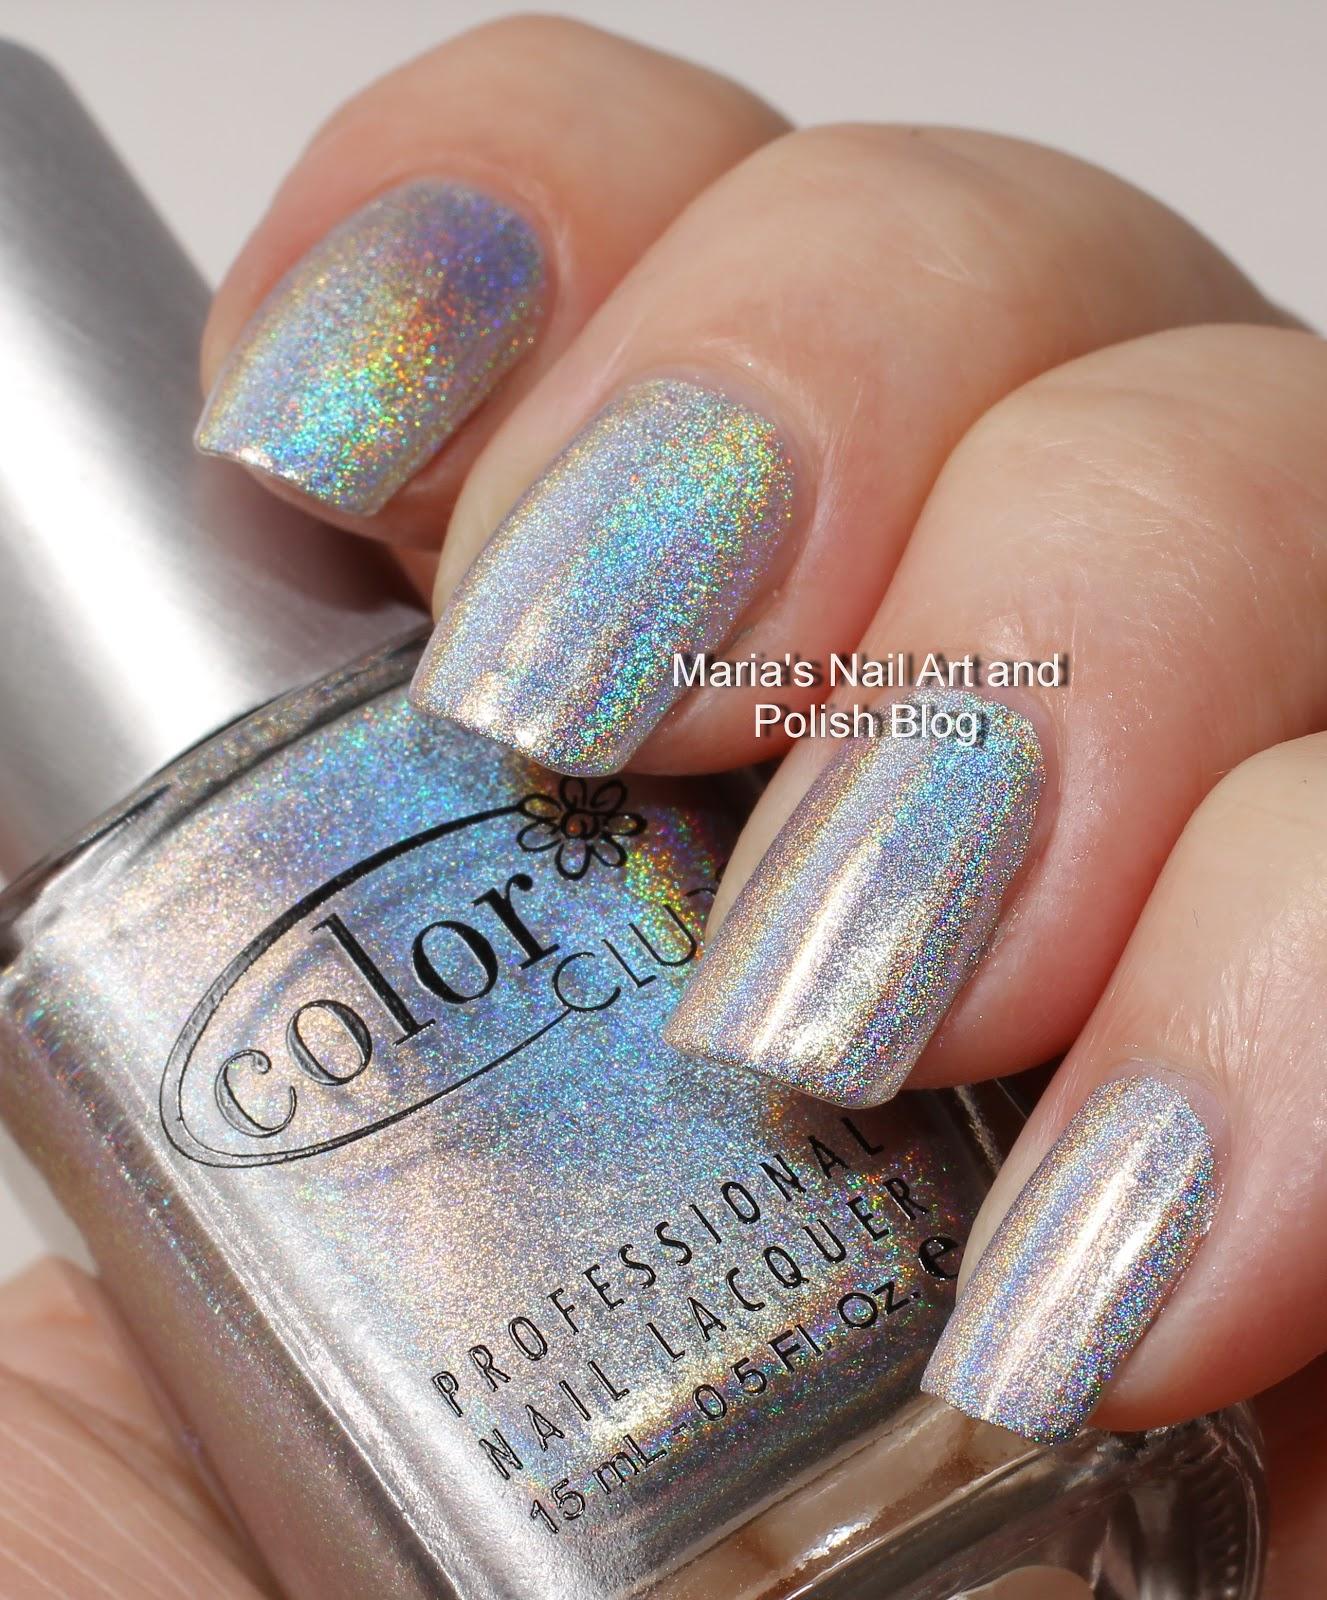 Color Club Holographic Nail Polish Swatches: Marias Nail Art And Polish Blog: Color Club Halo Hues Harp